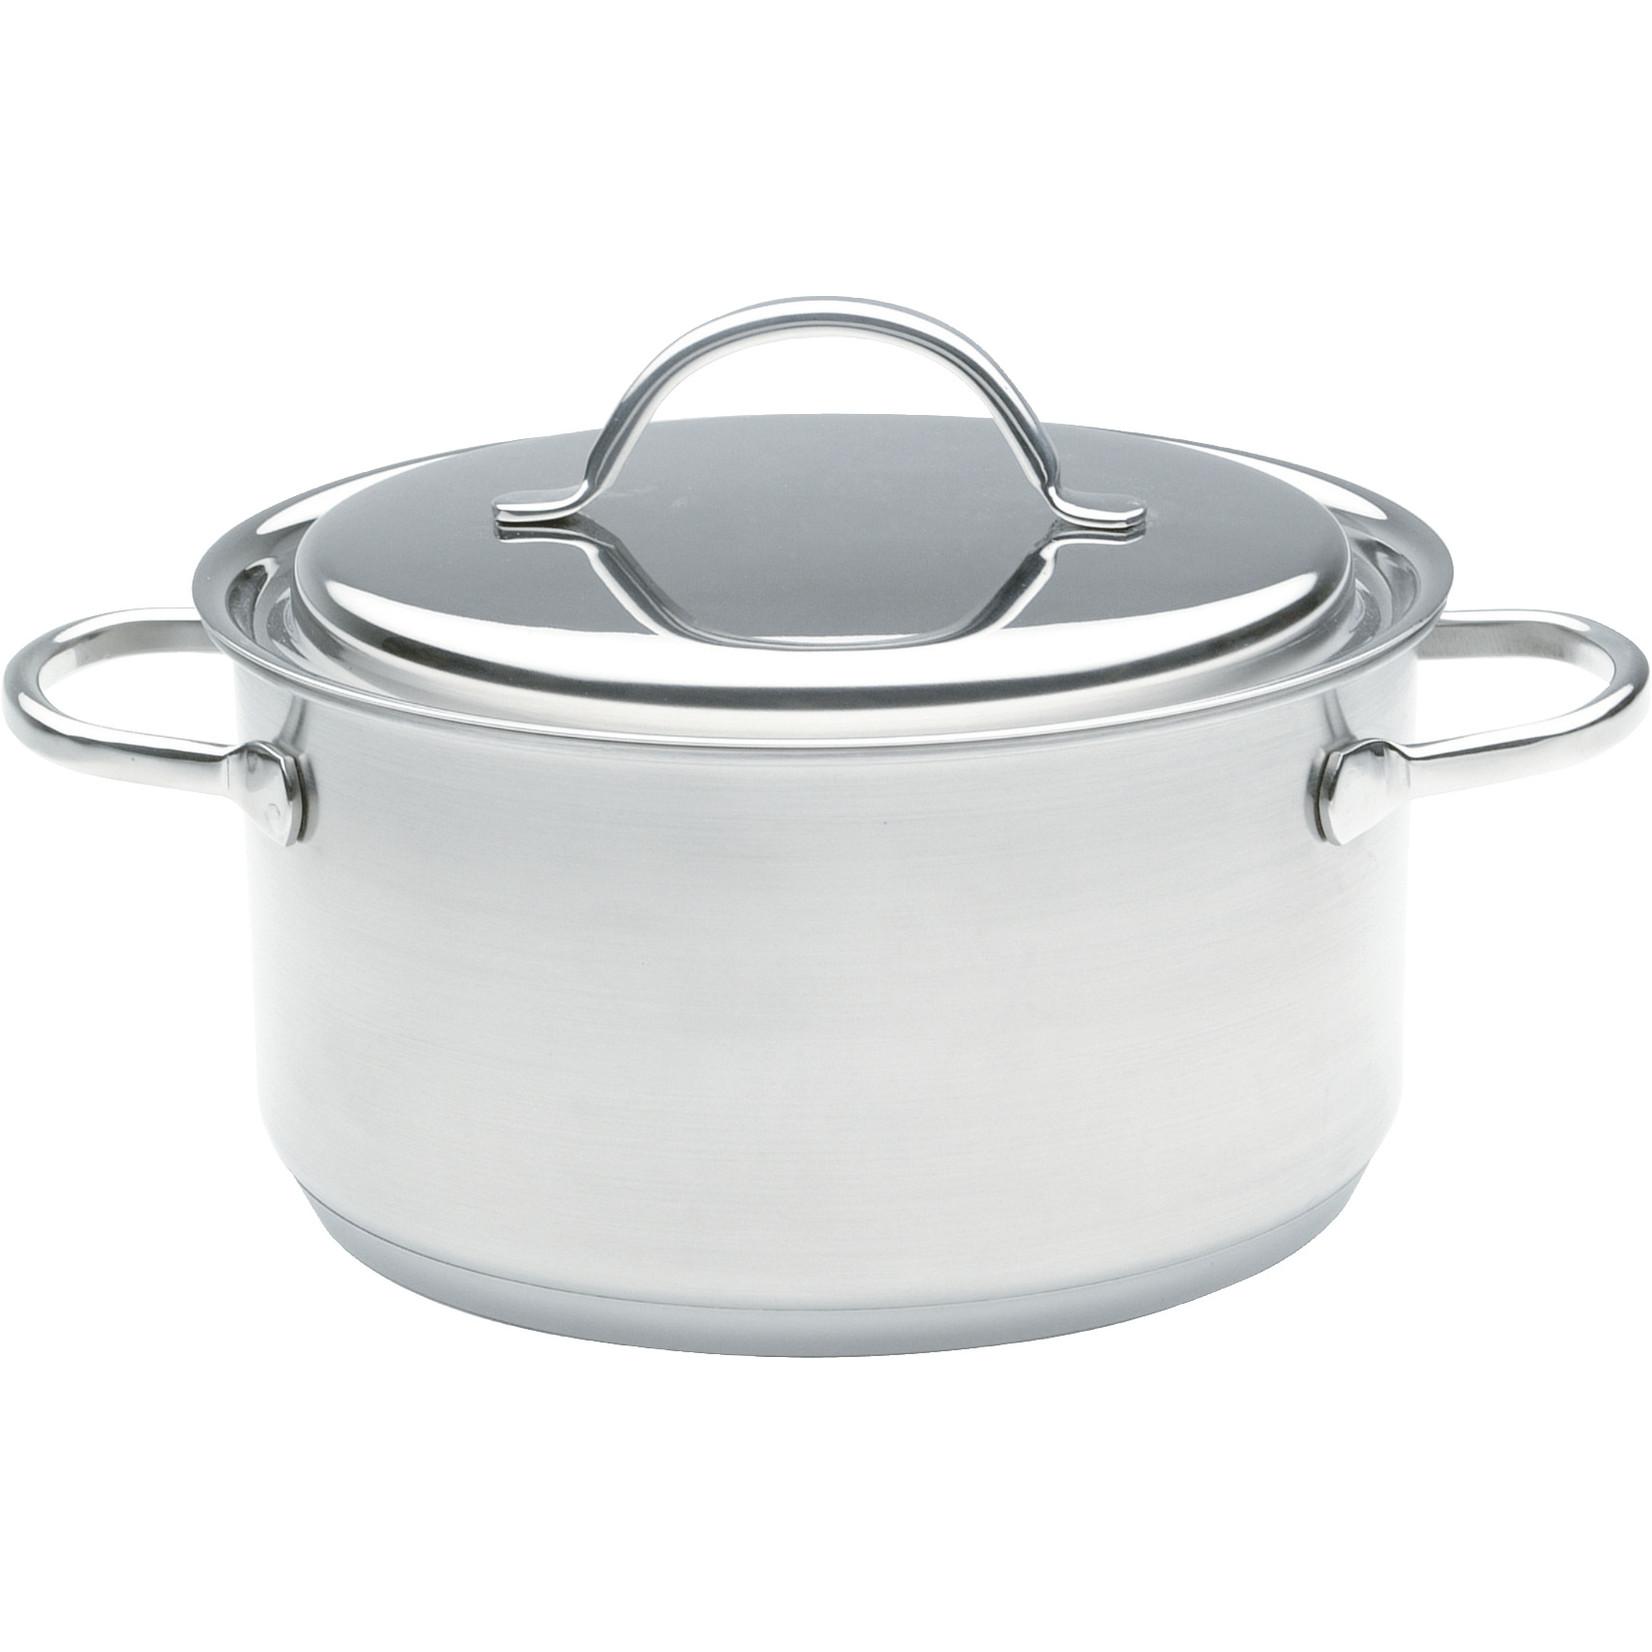 Demeyere Demeyere Resto 3 kookpan 20cm, met deksel